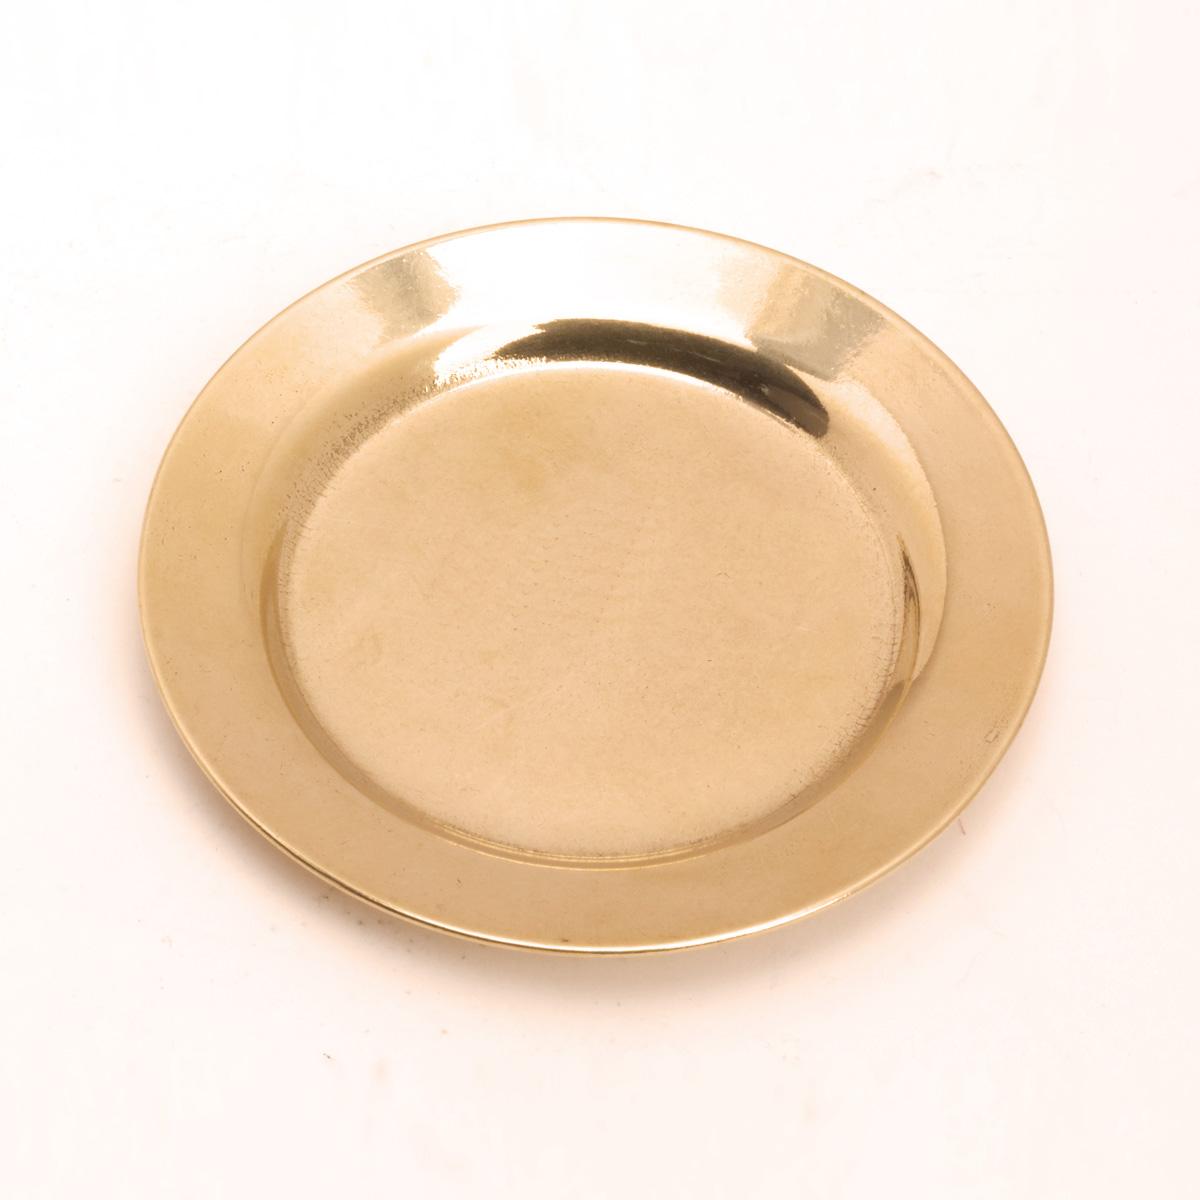 Kerzenteller rund, gold matt, Ø 11 cm